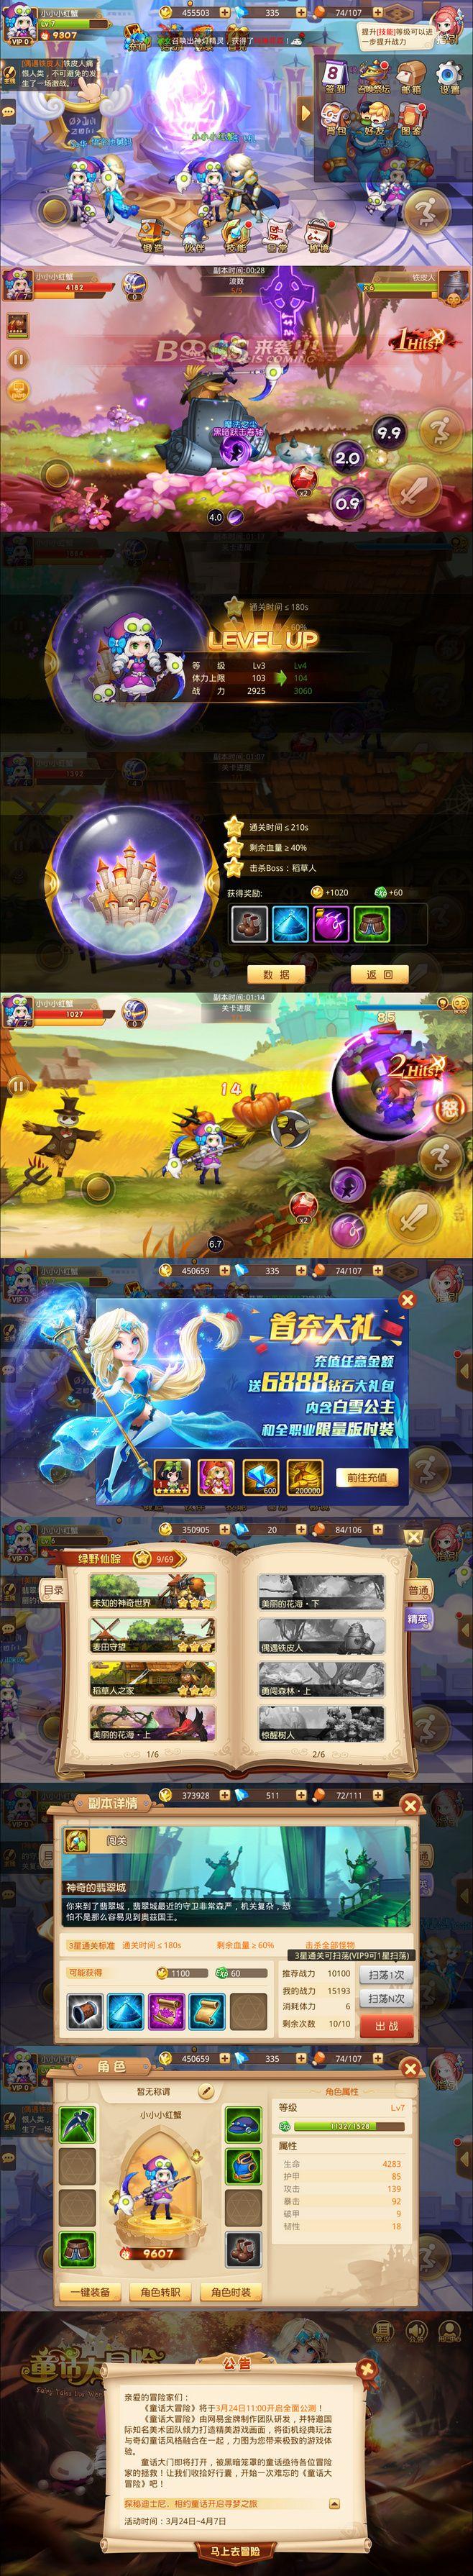 网易游戏 童话大冒险 手游#游戏UI##...